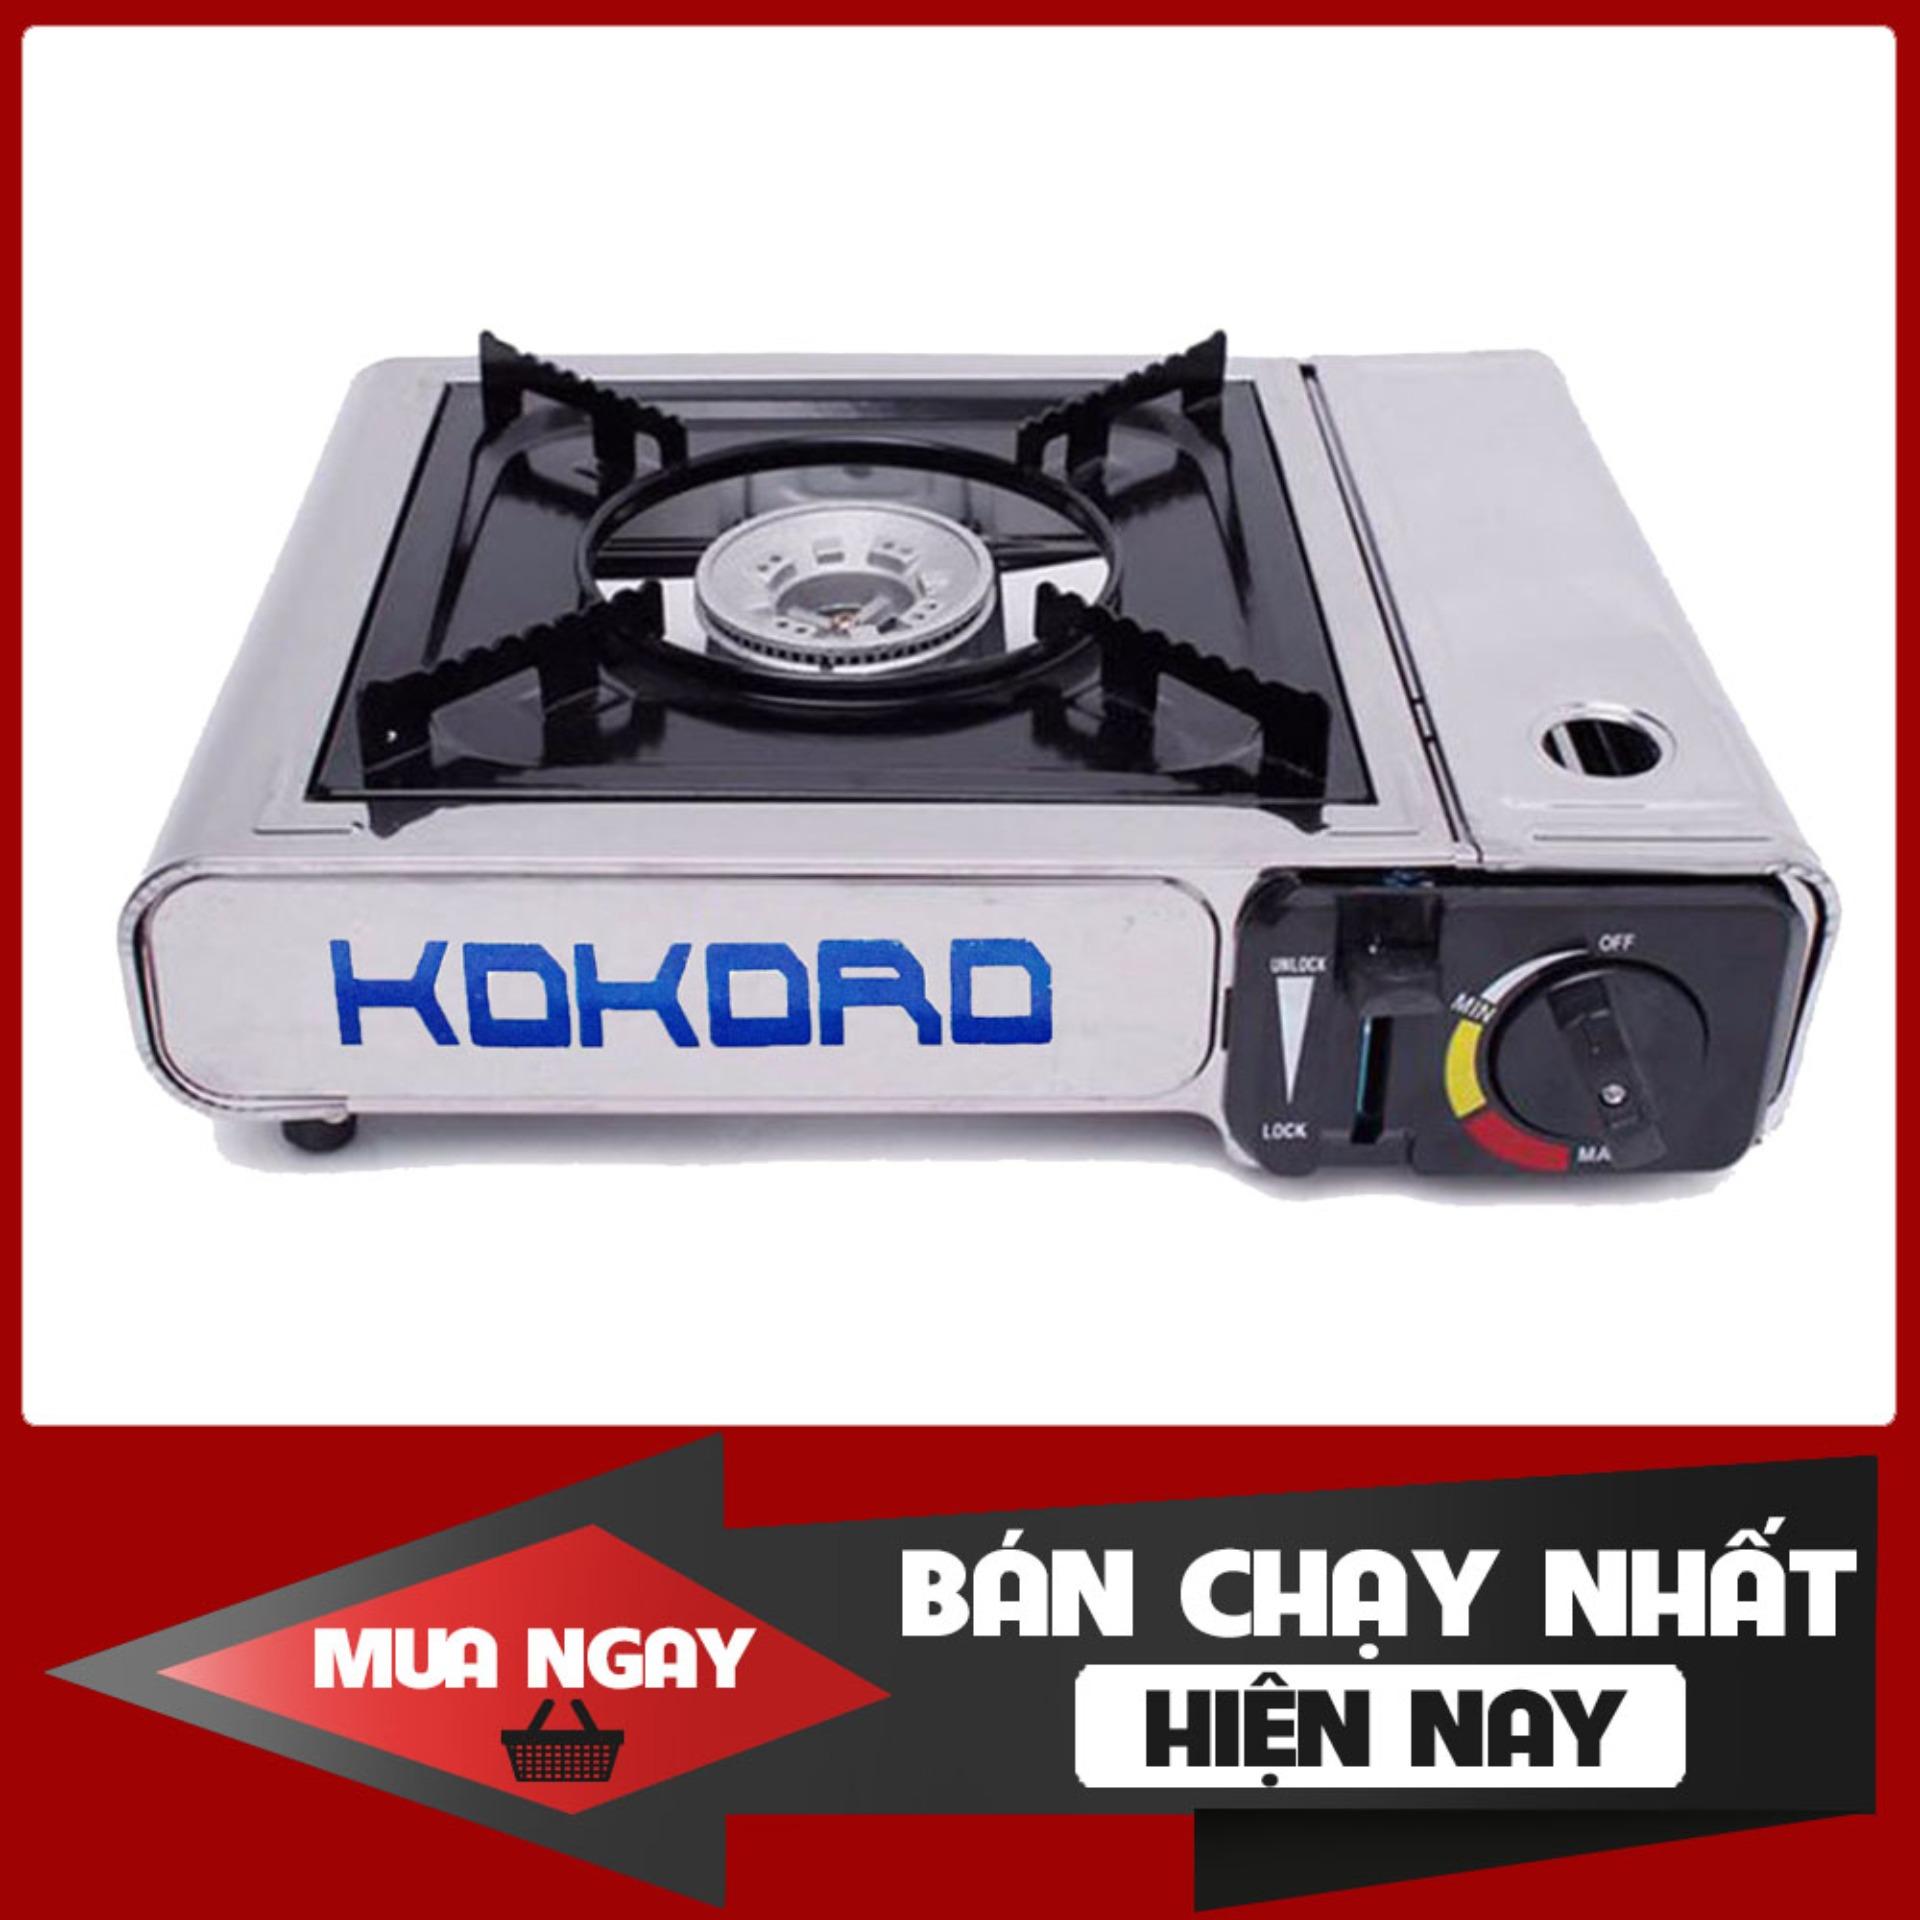 Bếp gas du lịch Kokoro toàn thân inox 100% (bếp ga mini chống cháy nổ - an toàn sử dụng) - bep ga mini, bep gas mini, bep ga, bep du lich Namilux